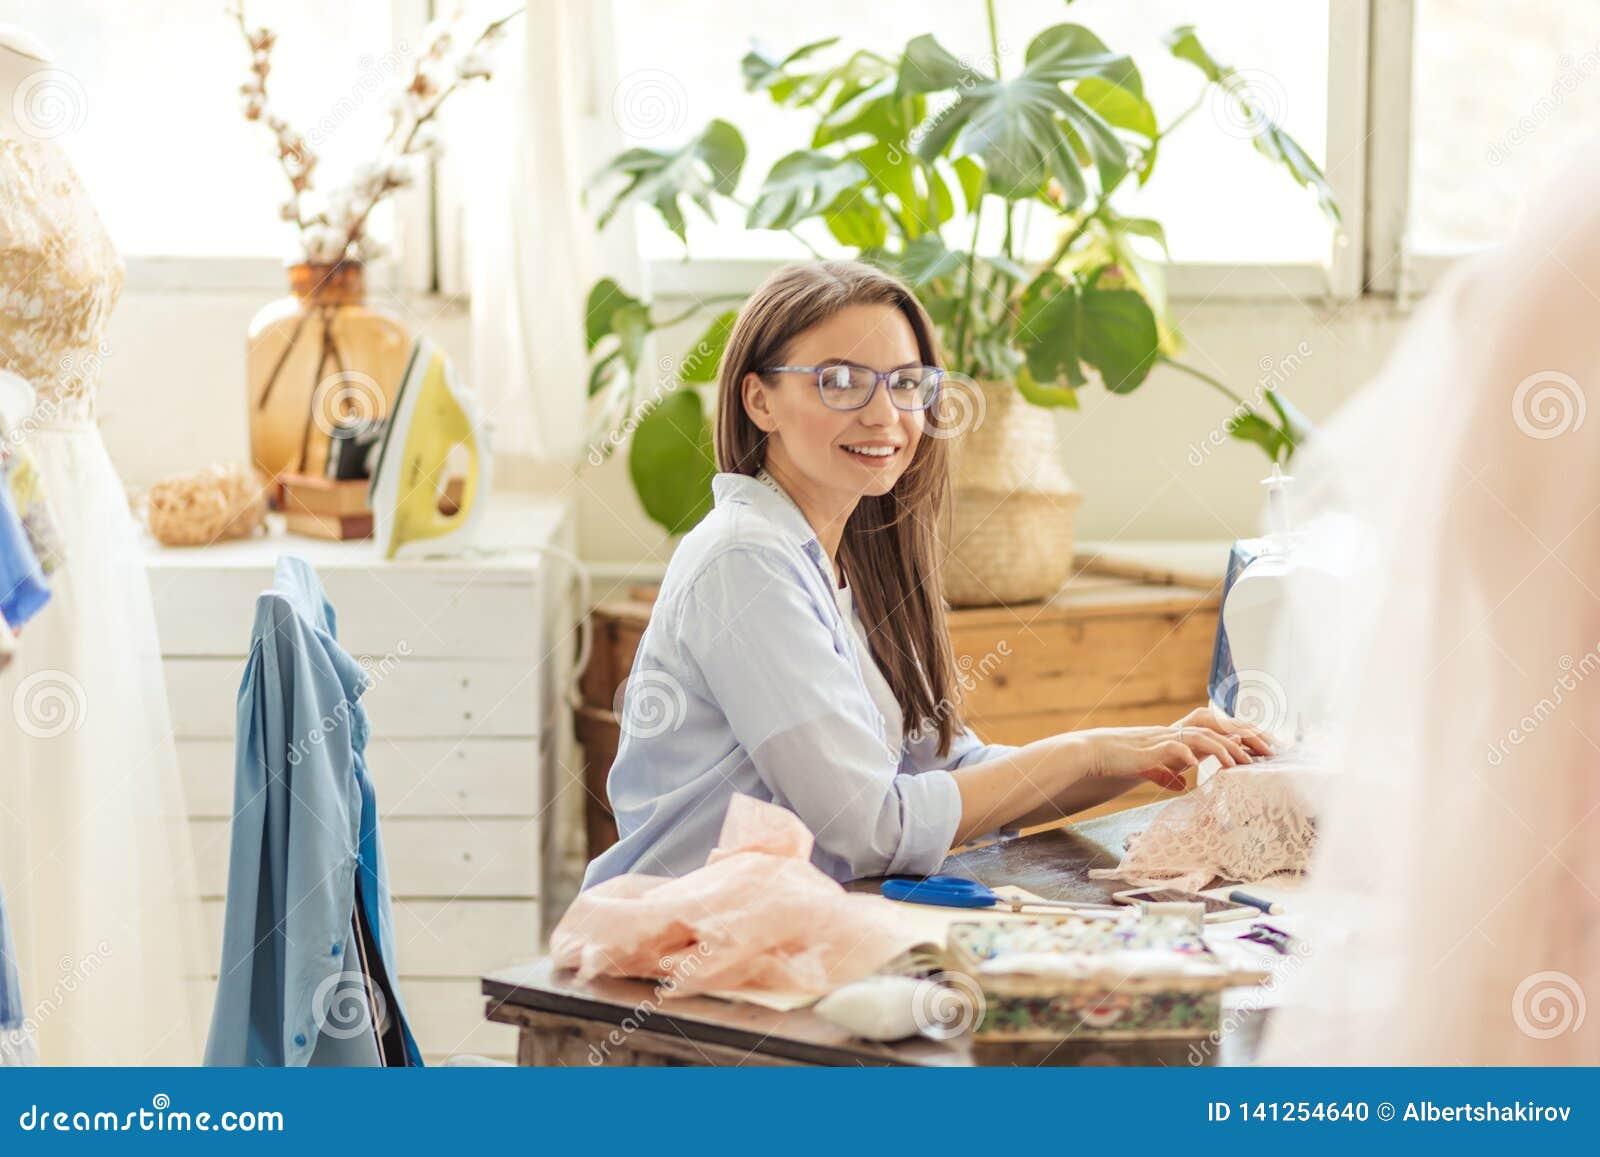 Lächelnde junge Damenschneiderinfrau näht Kleidung auf einer Nähmaschine in ihrer Werkstatt